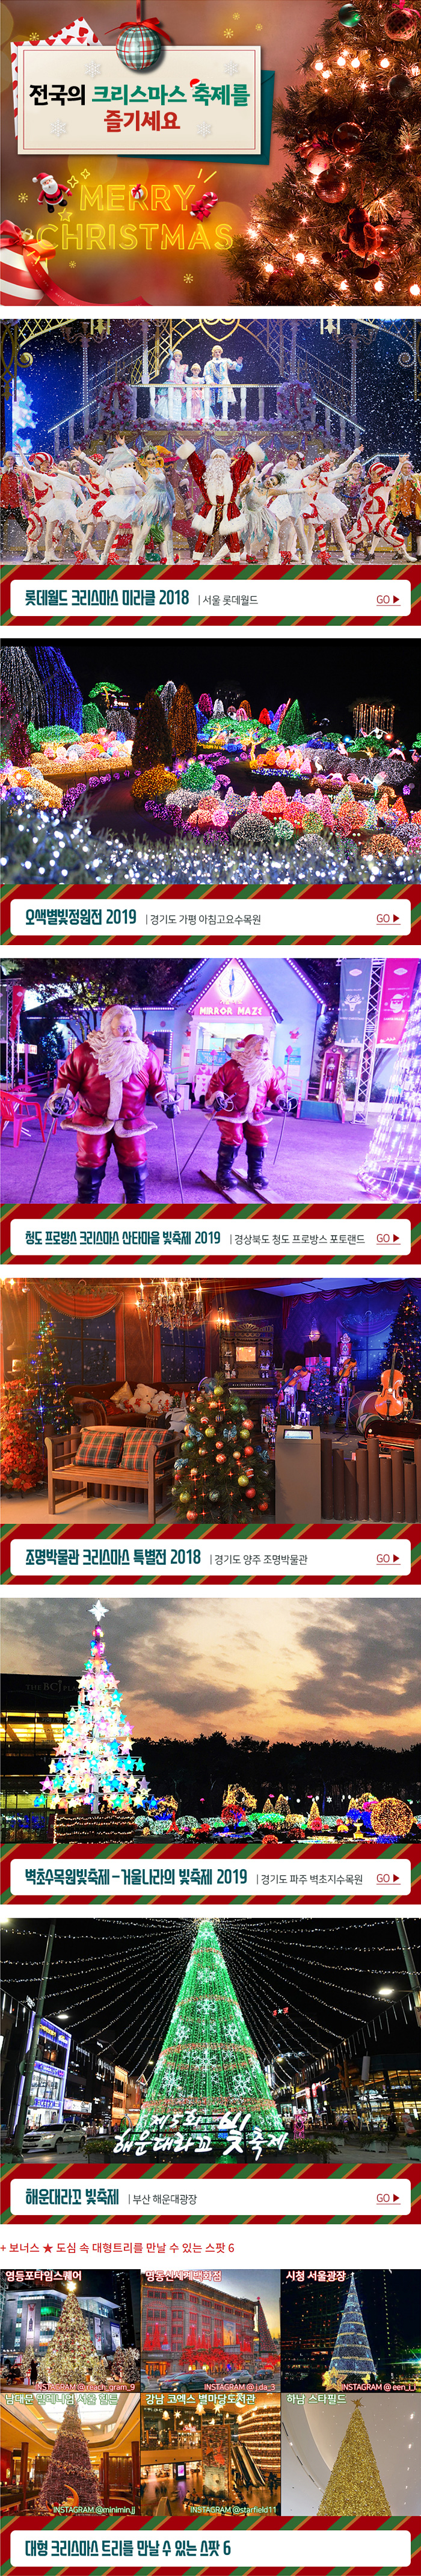 전국의 크리스마스 축제를 즐기세요